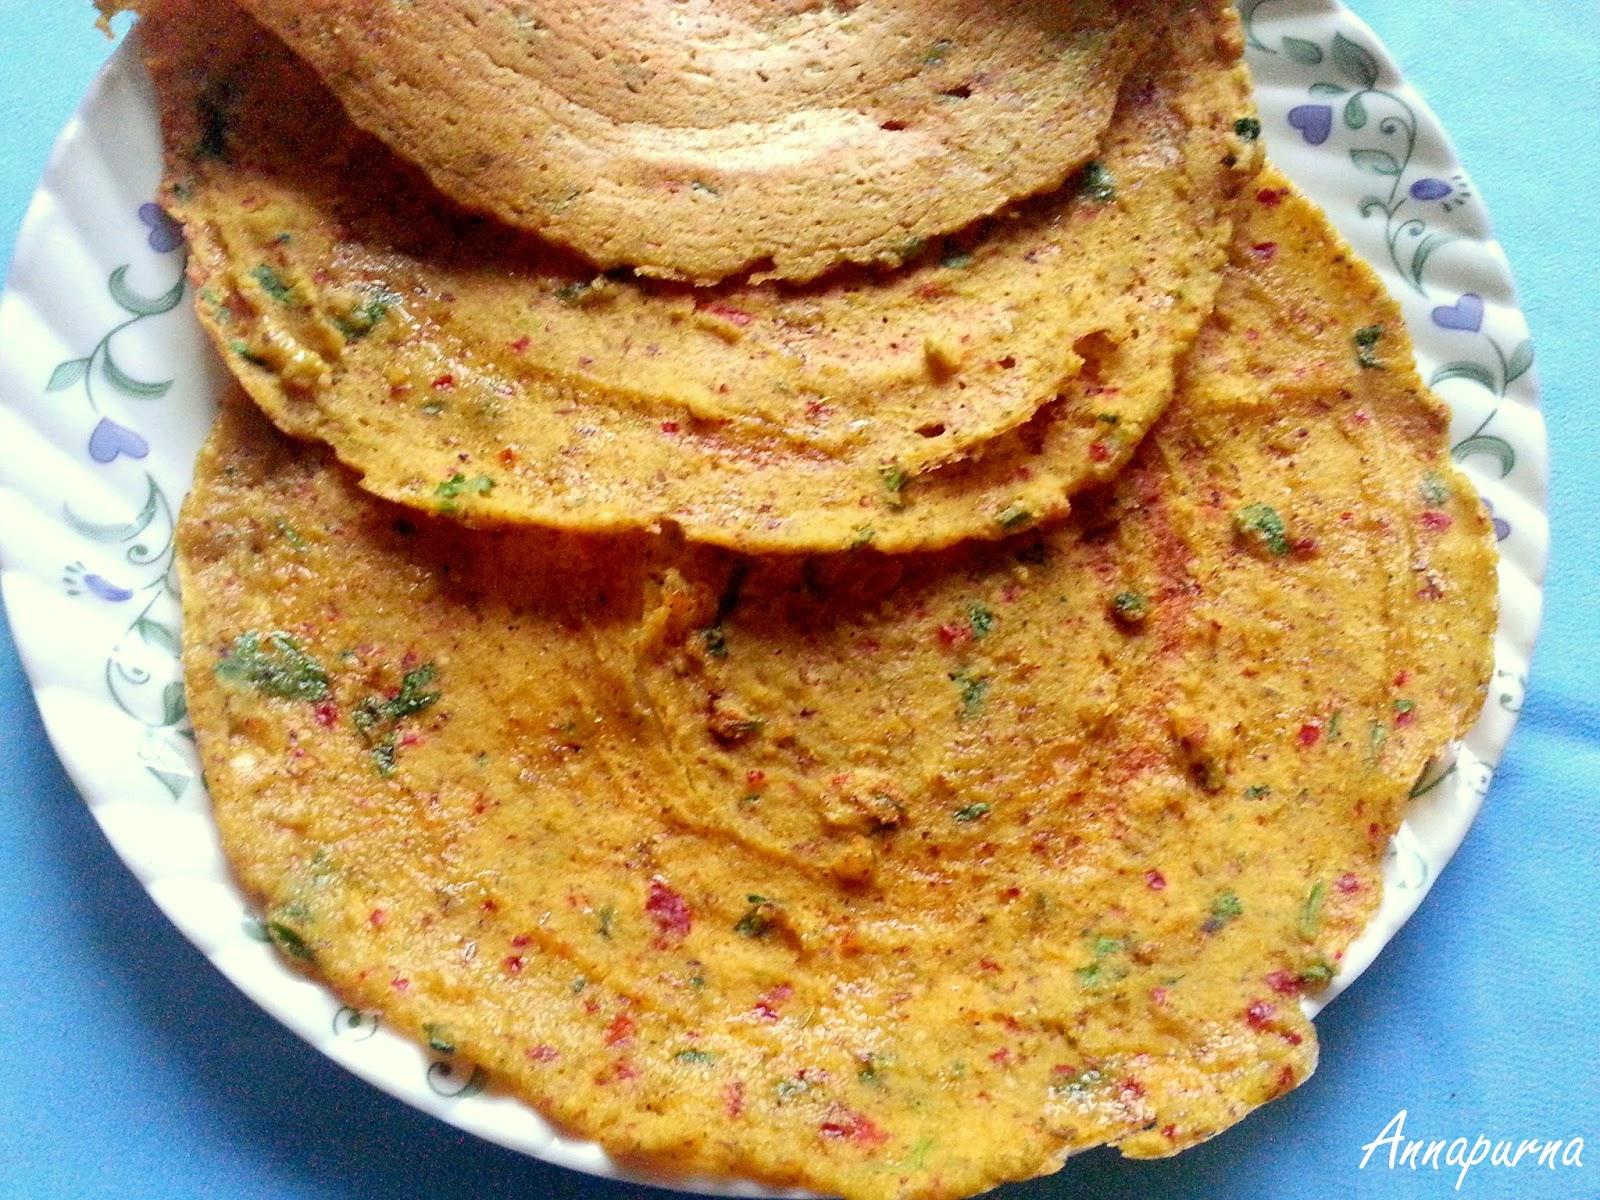 Annapurna adai dosa protein rich south indian breakfast recipe adai dosa protein rich south indian breakfast recipe forumfinder Choice Image